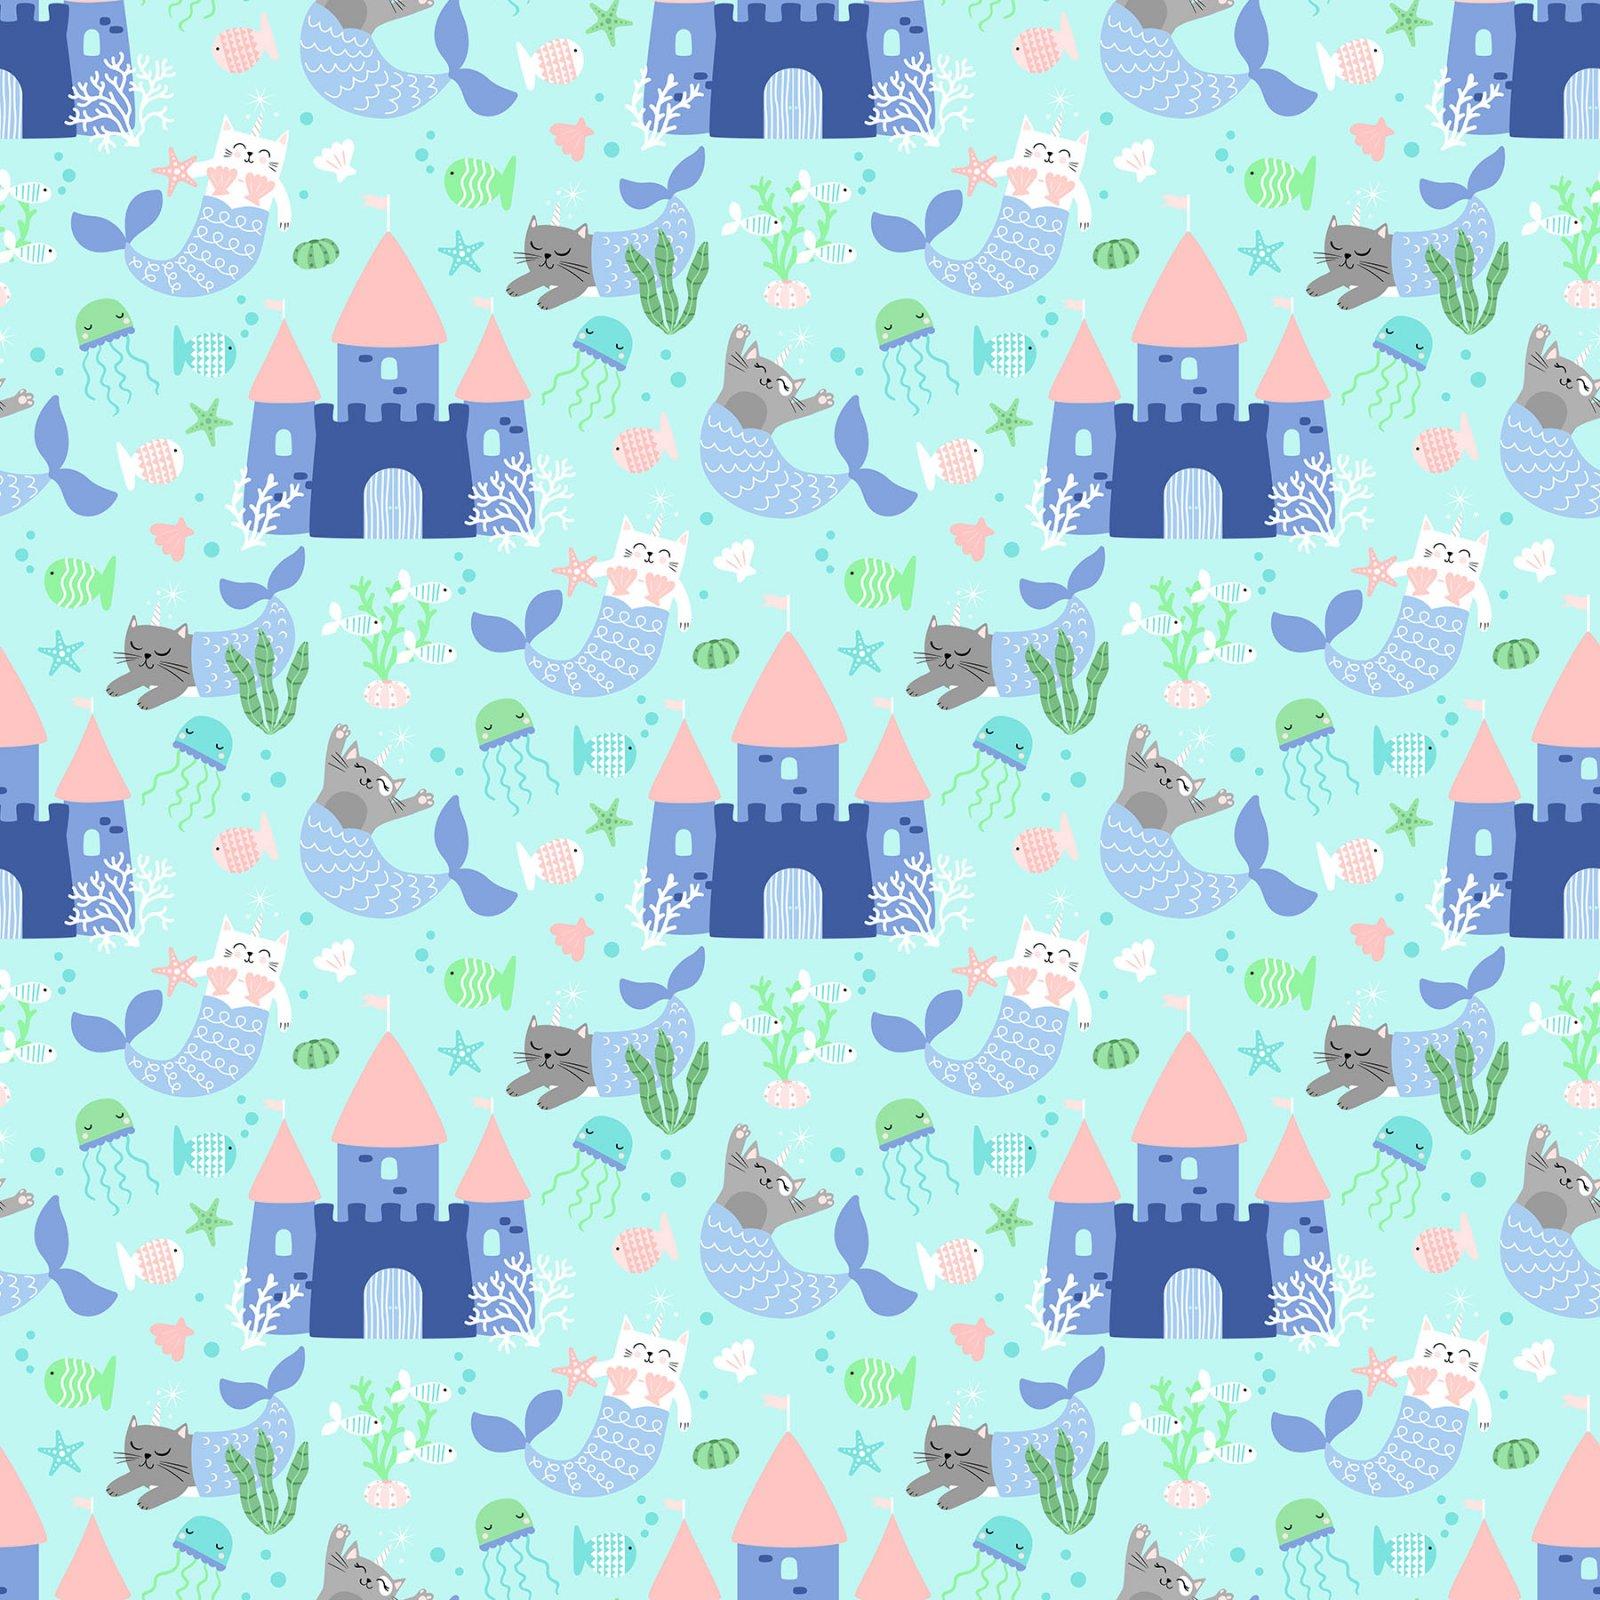 Mermaid Kitties Lt Aqua Castles